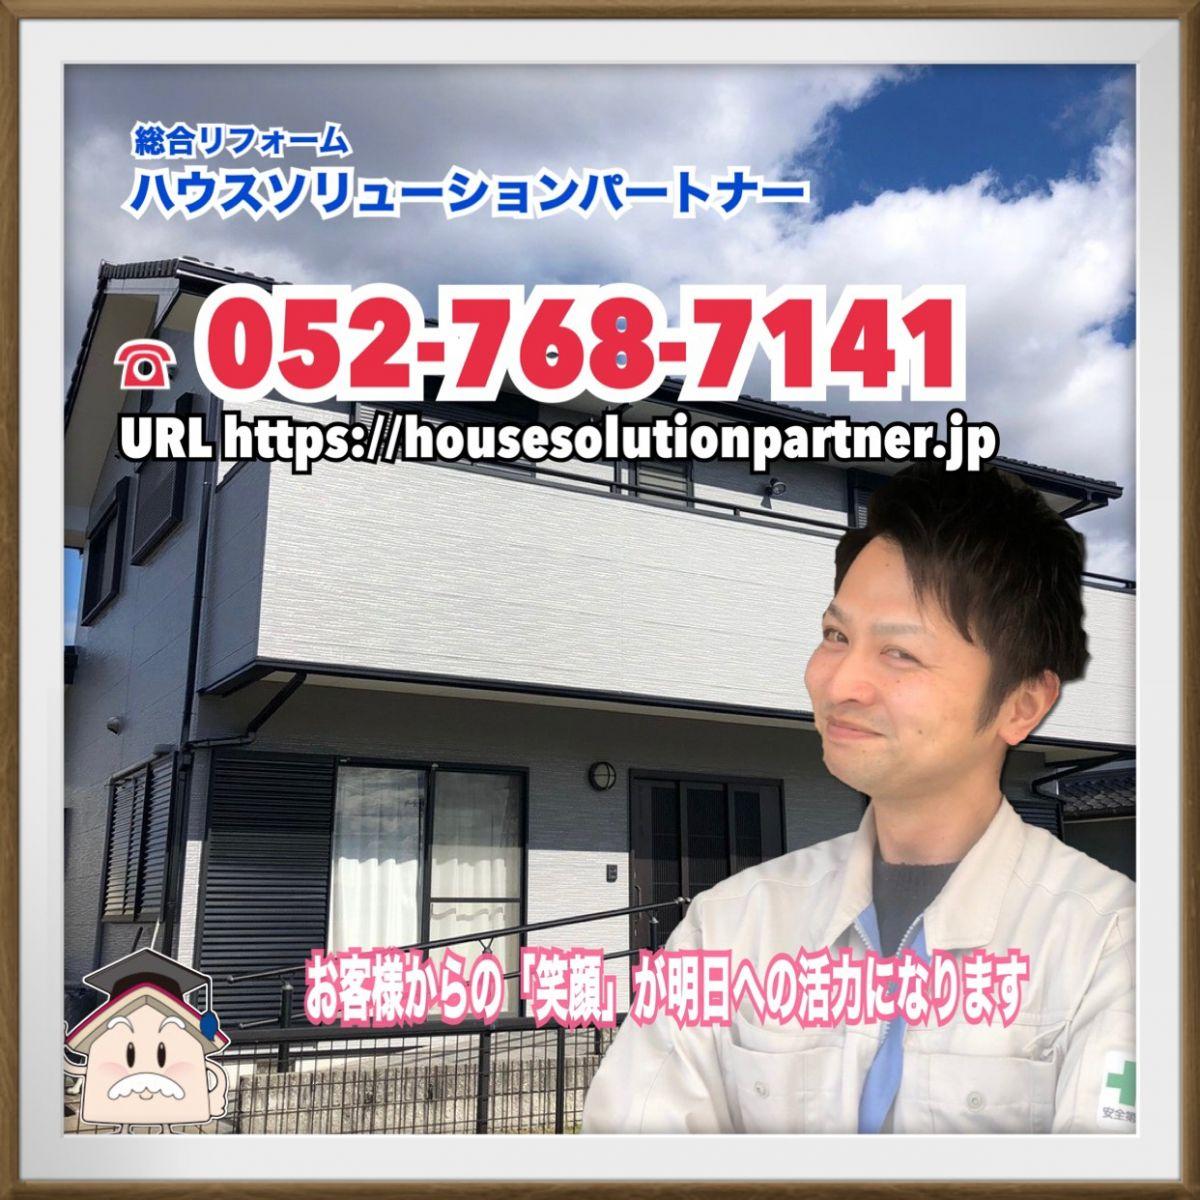 jirei_image53045